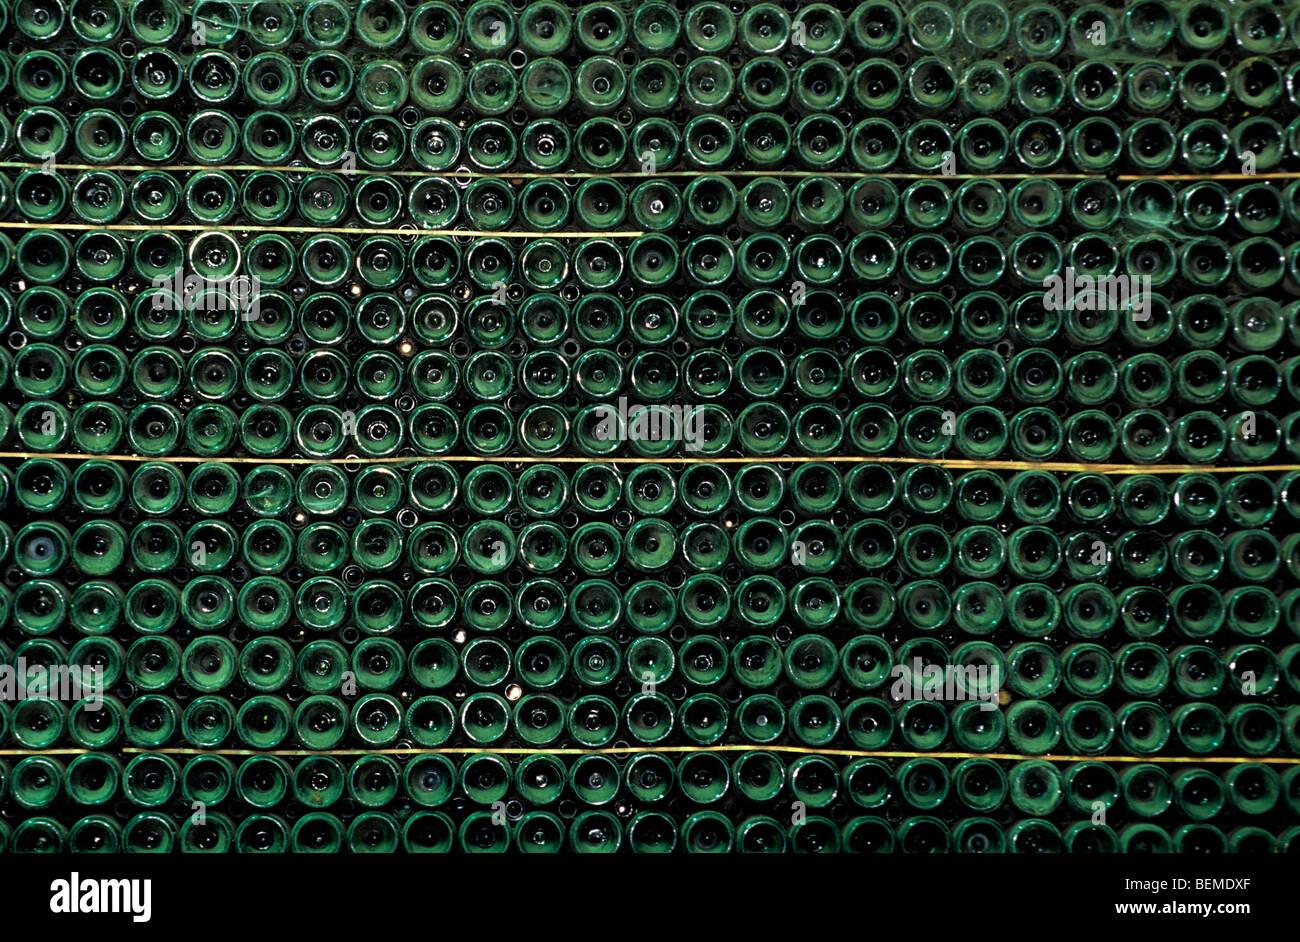 Stacked bottles of Belgian Geuze beer in brewery, Belgium - Stock Image